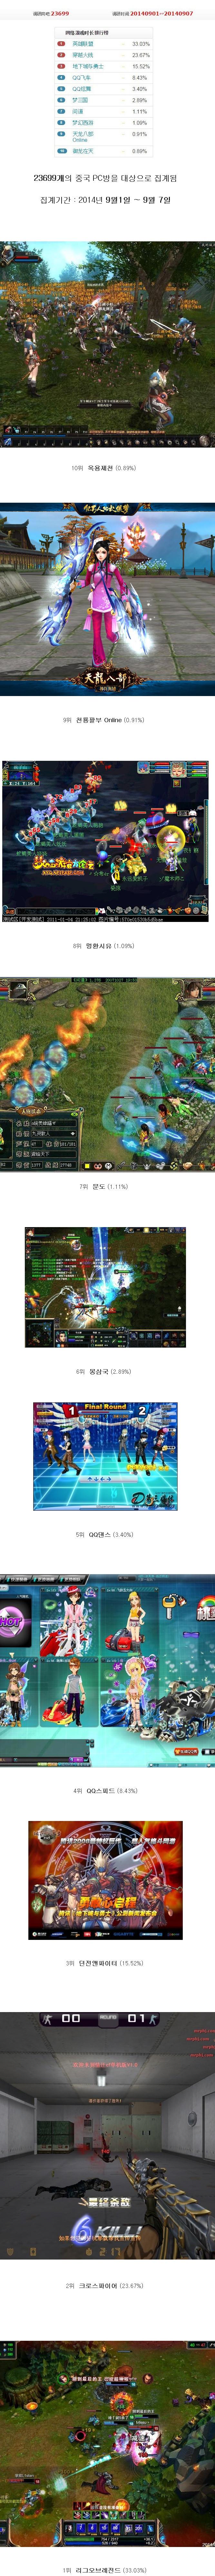 중국 PC방 게임순위.JPG